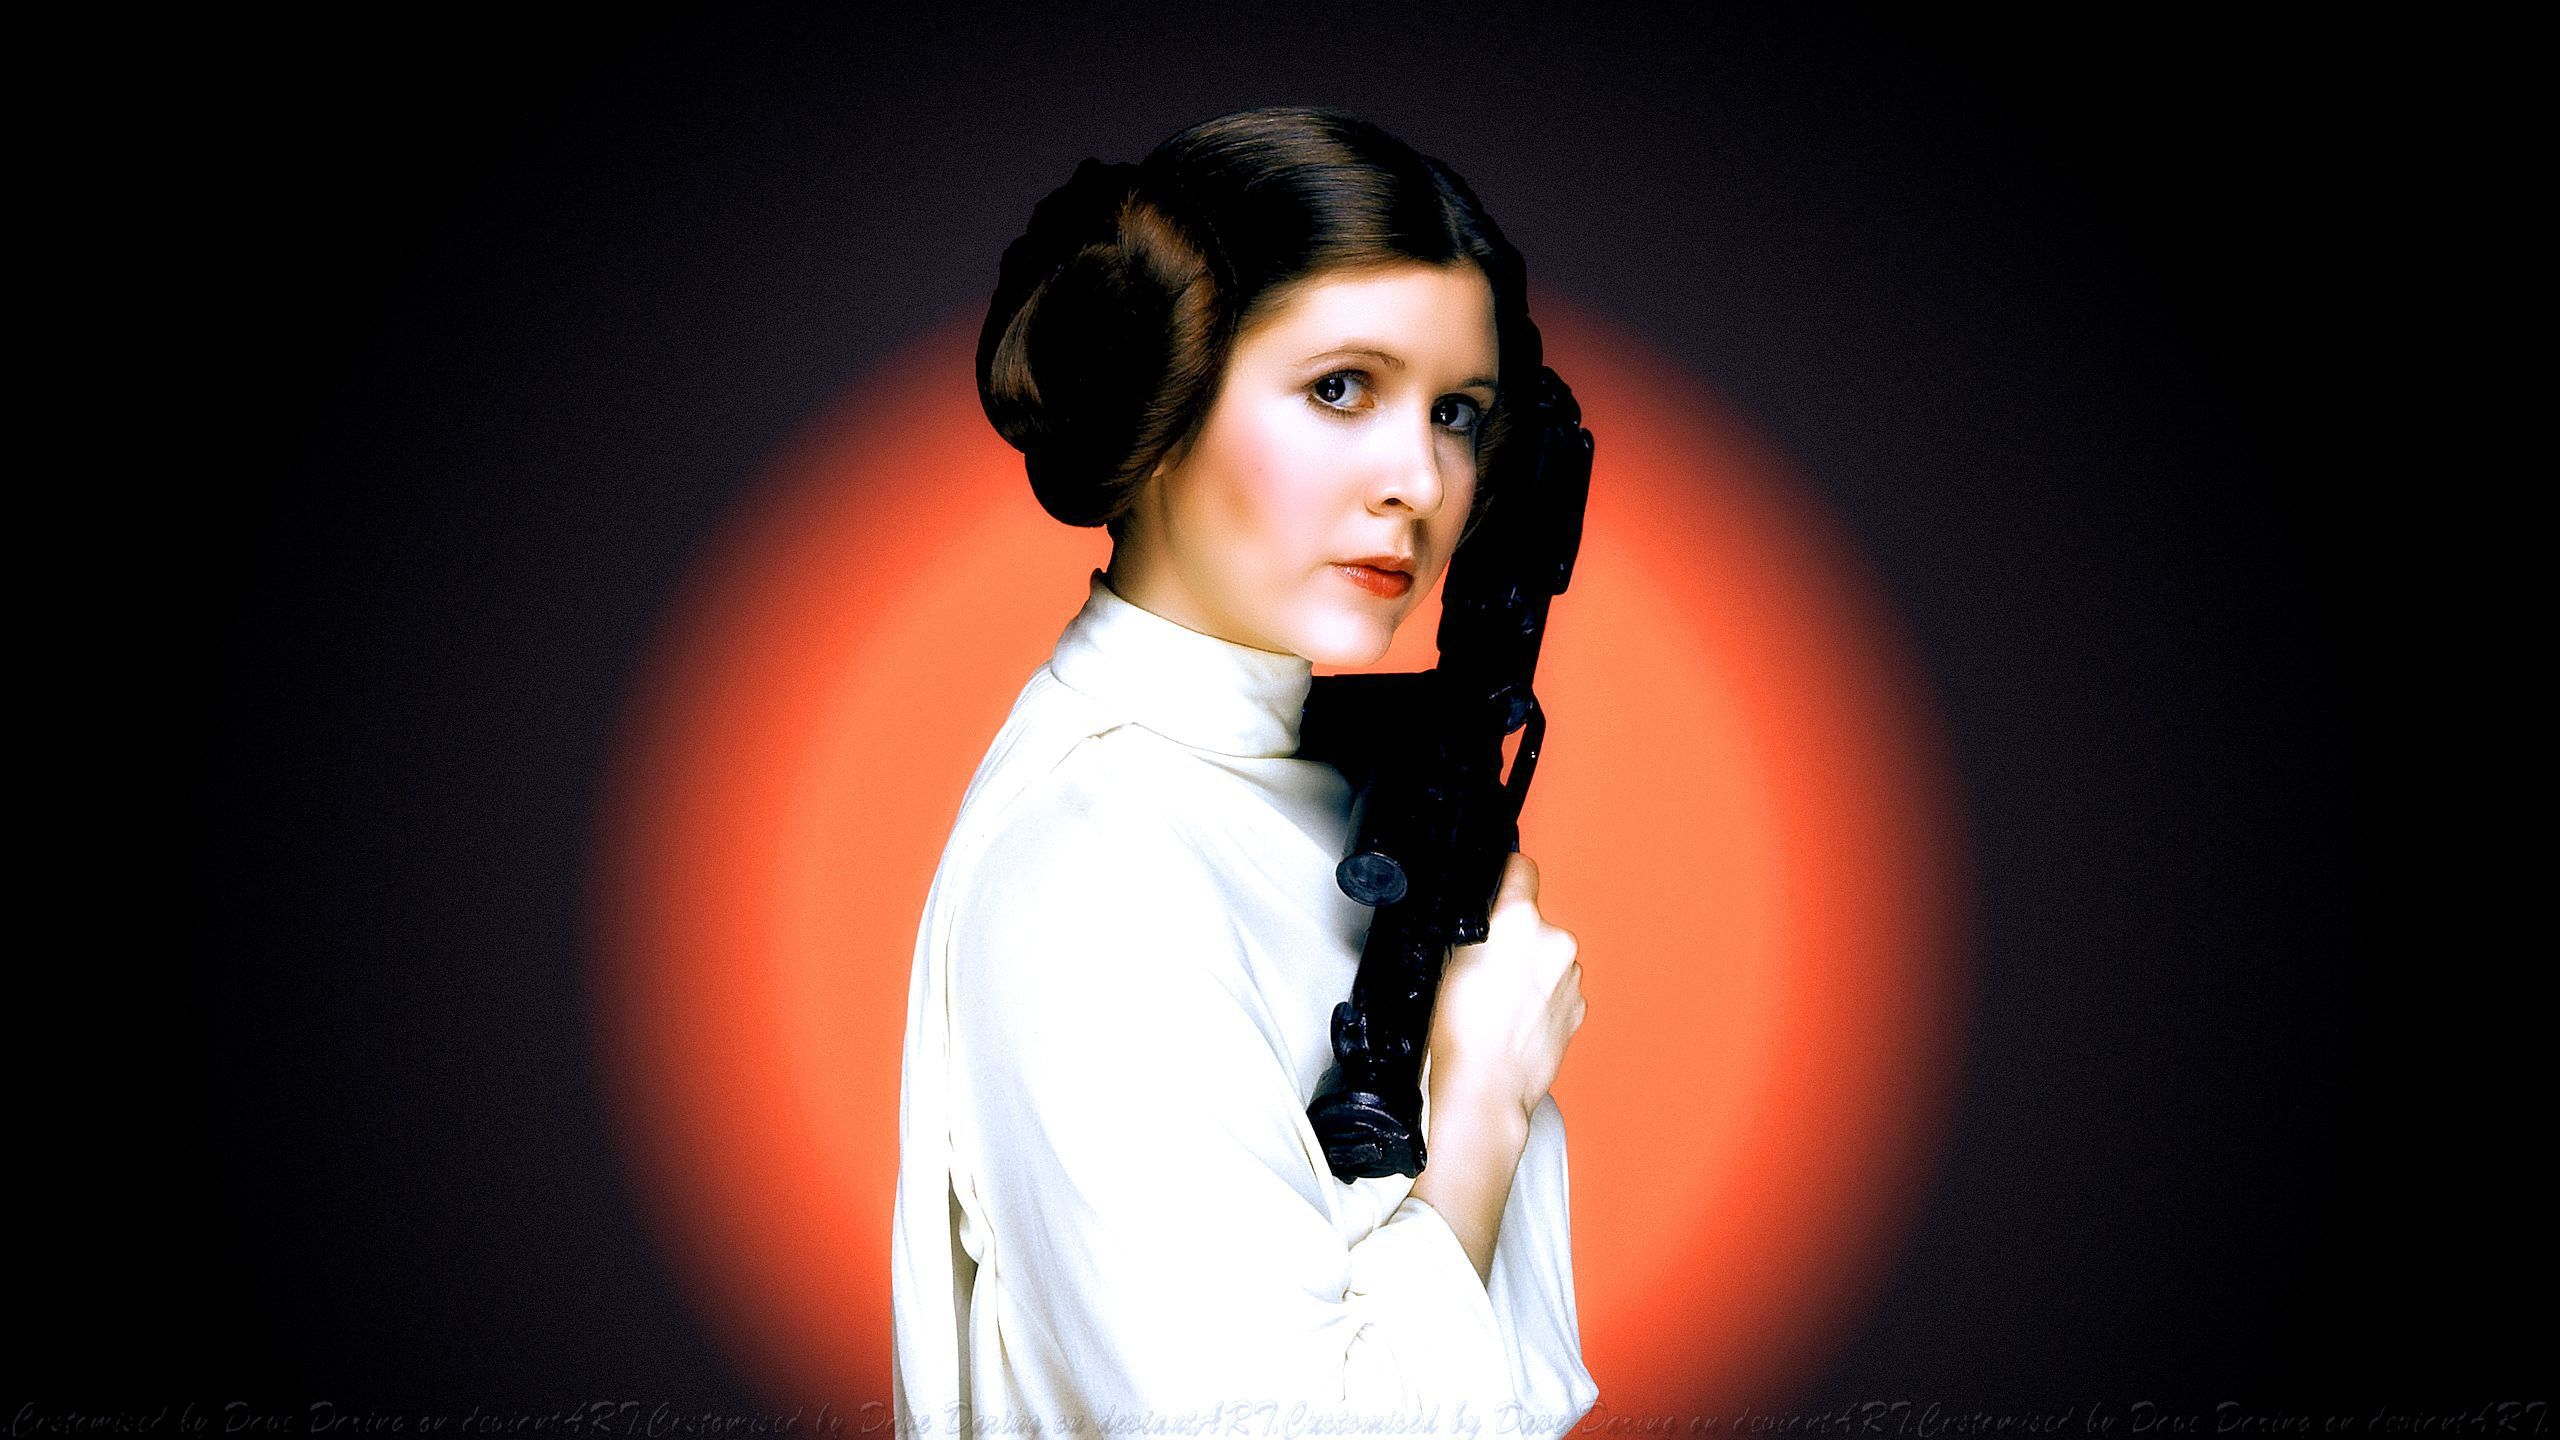 Princess Leia Photos